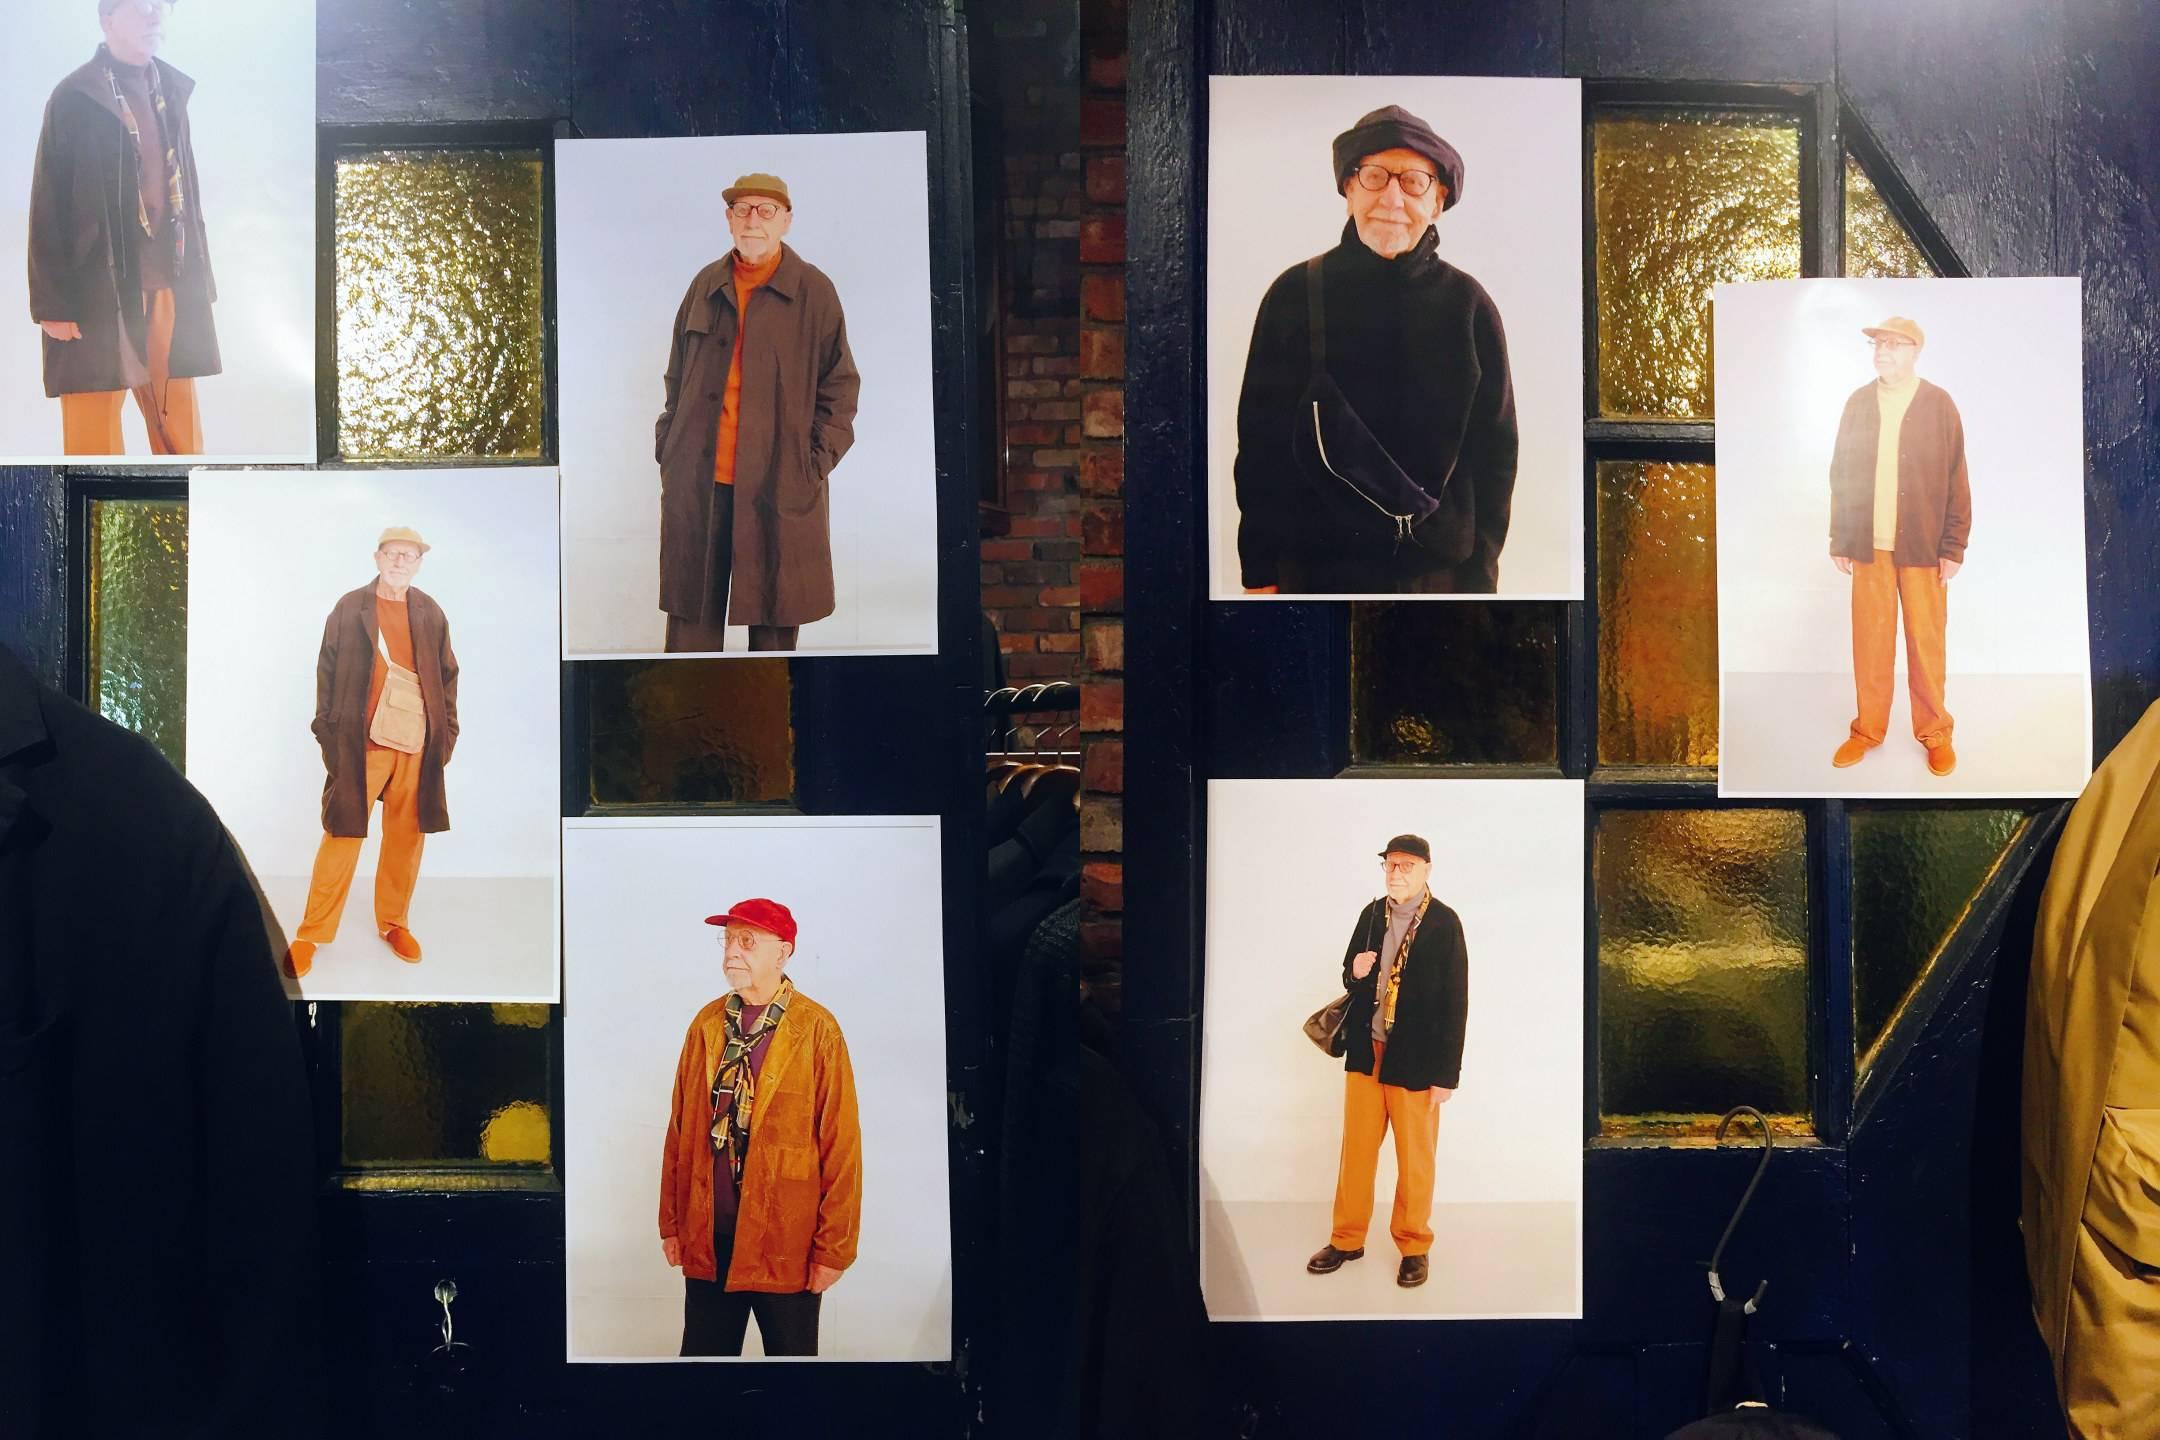 노년의 남성이 패션모델로 등장한 화보가 붙어 있는 매장 문 앞 ©생각노트